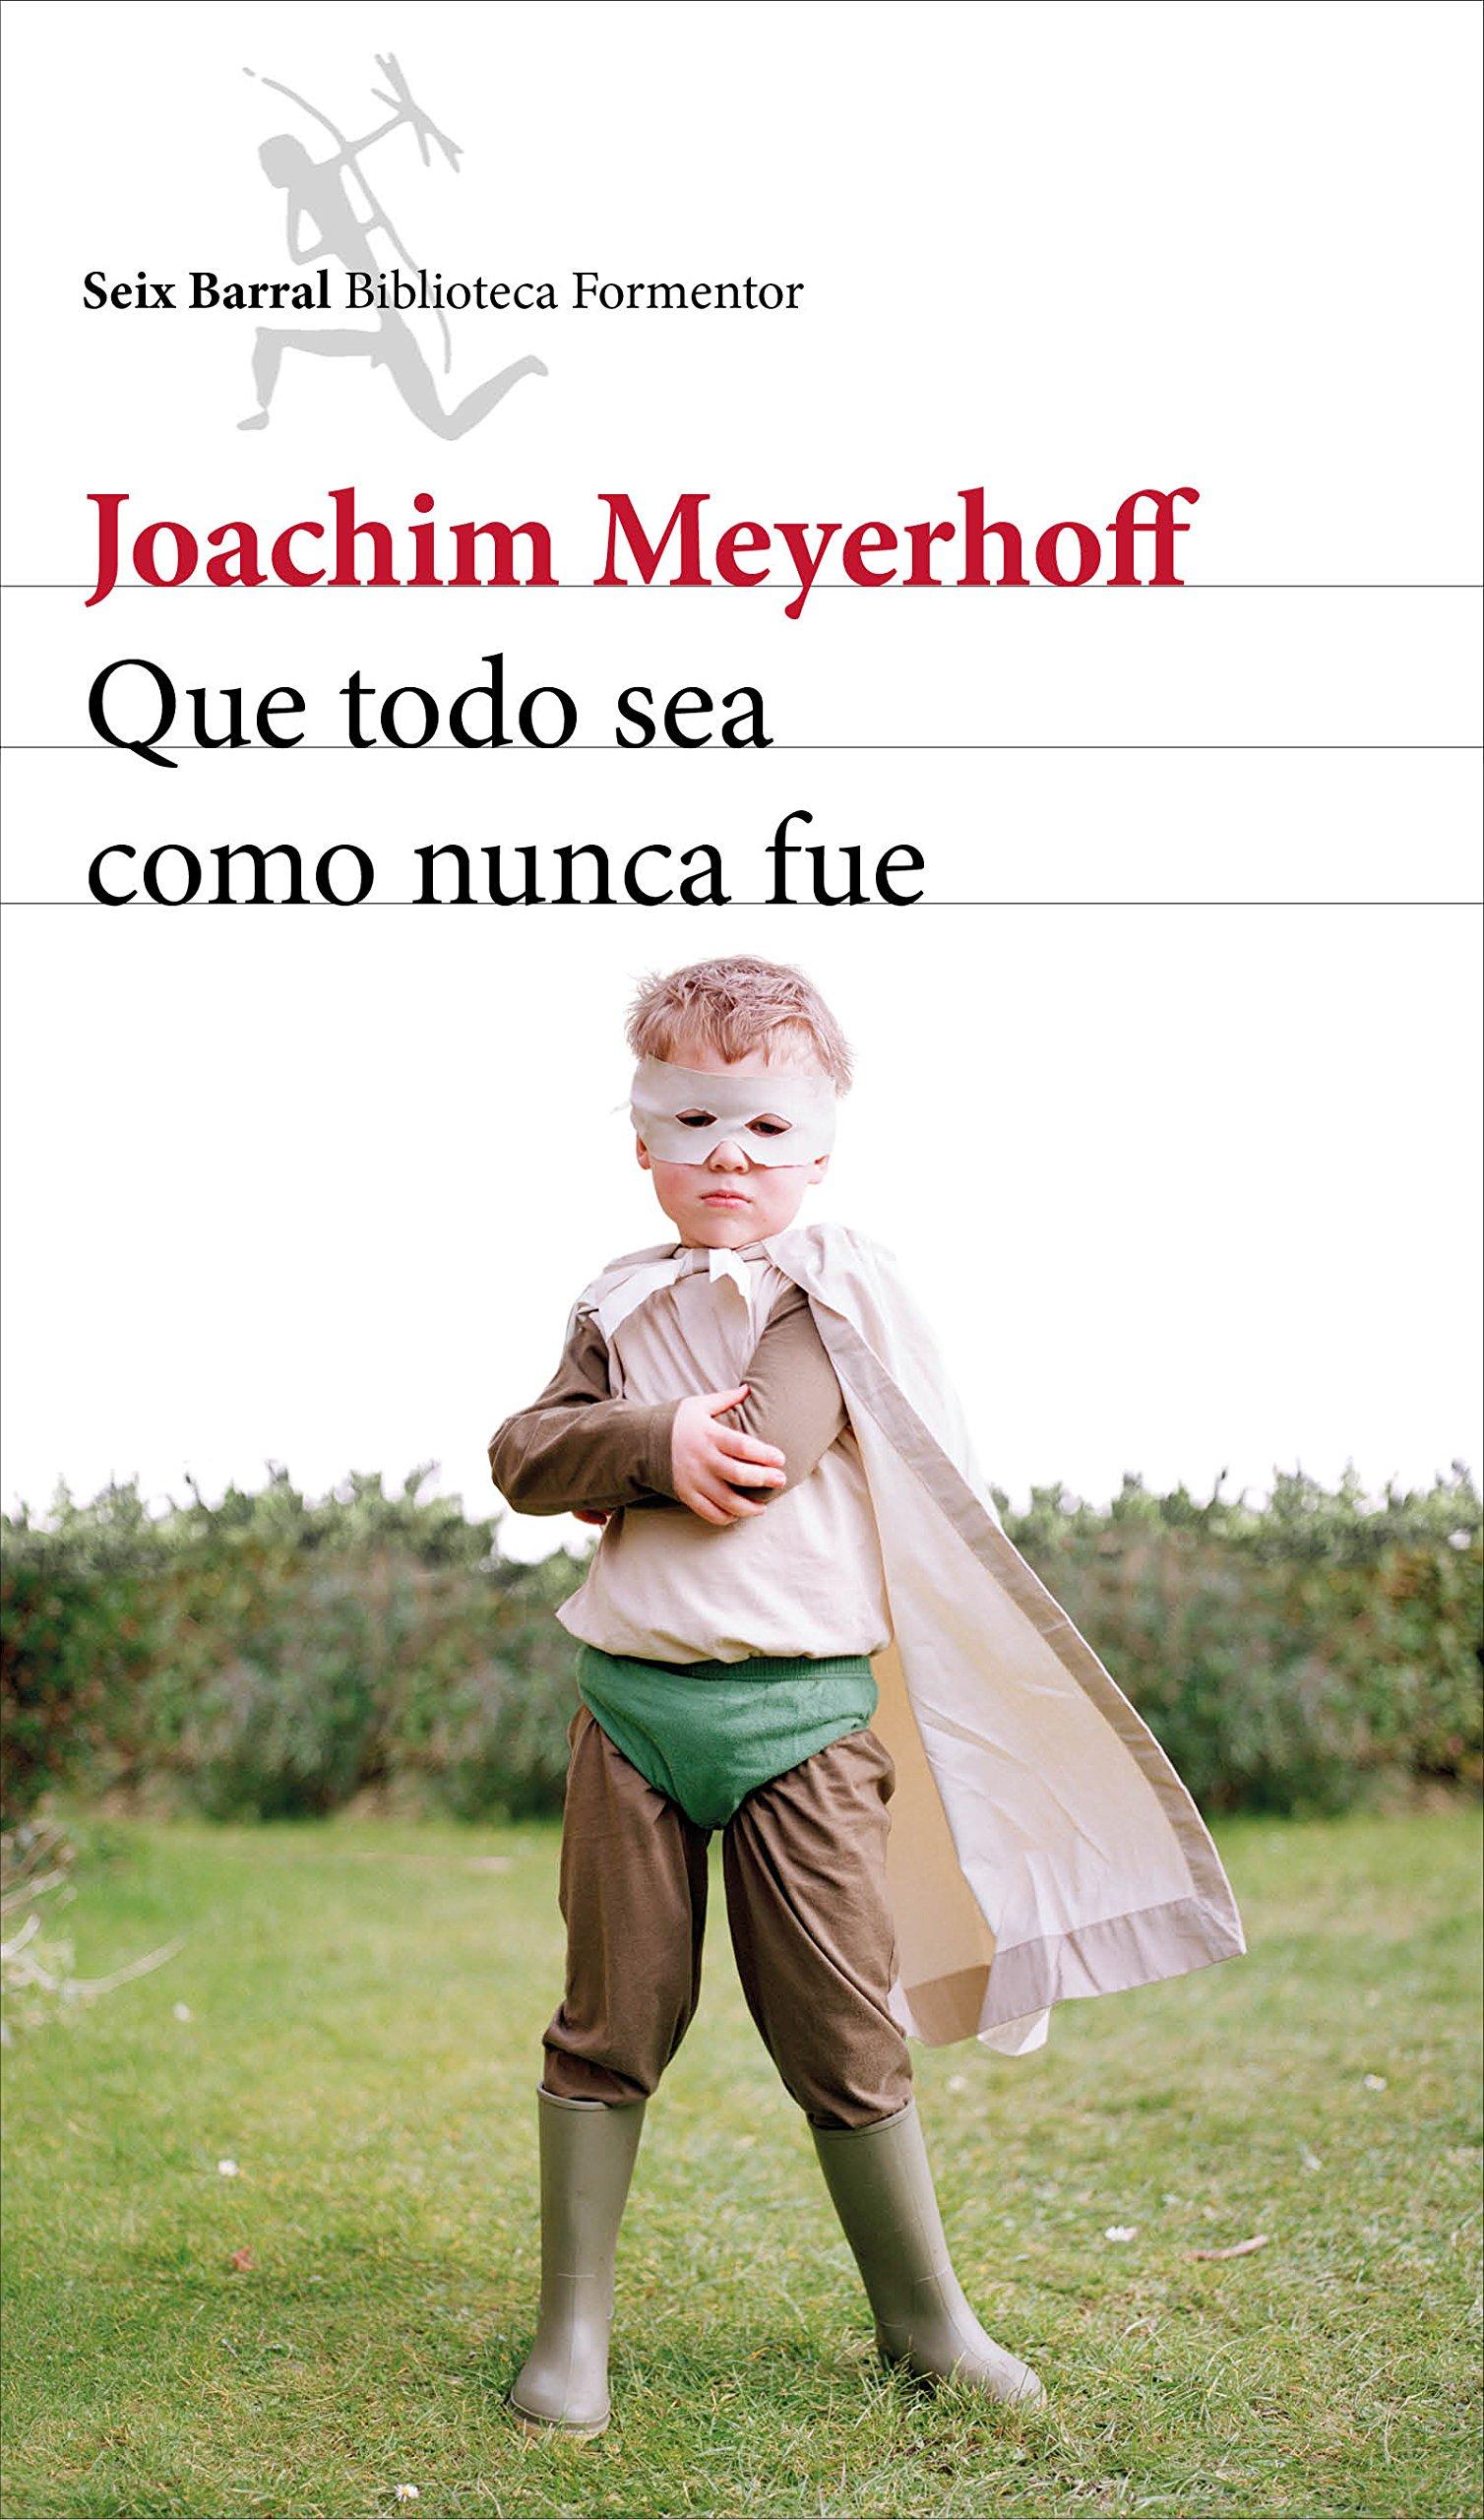 Que todo sea como nunca fue - Joachim Meyerhoff 81qnXieJReL